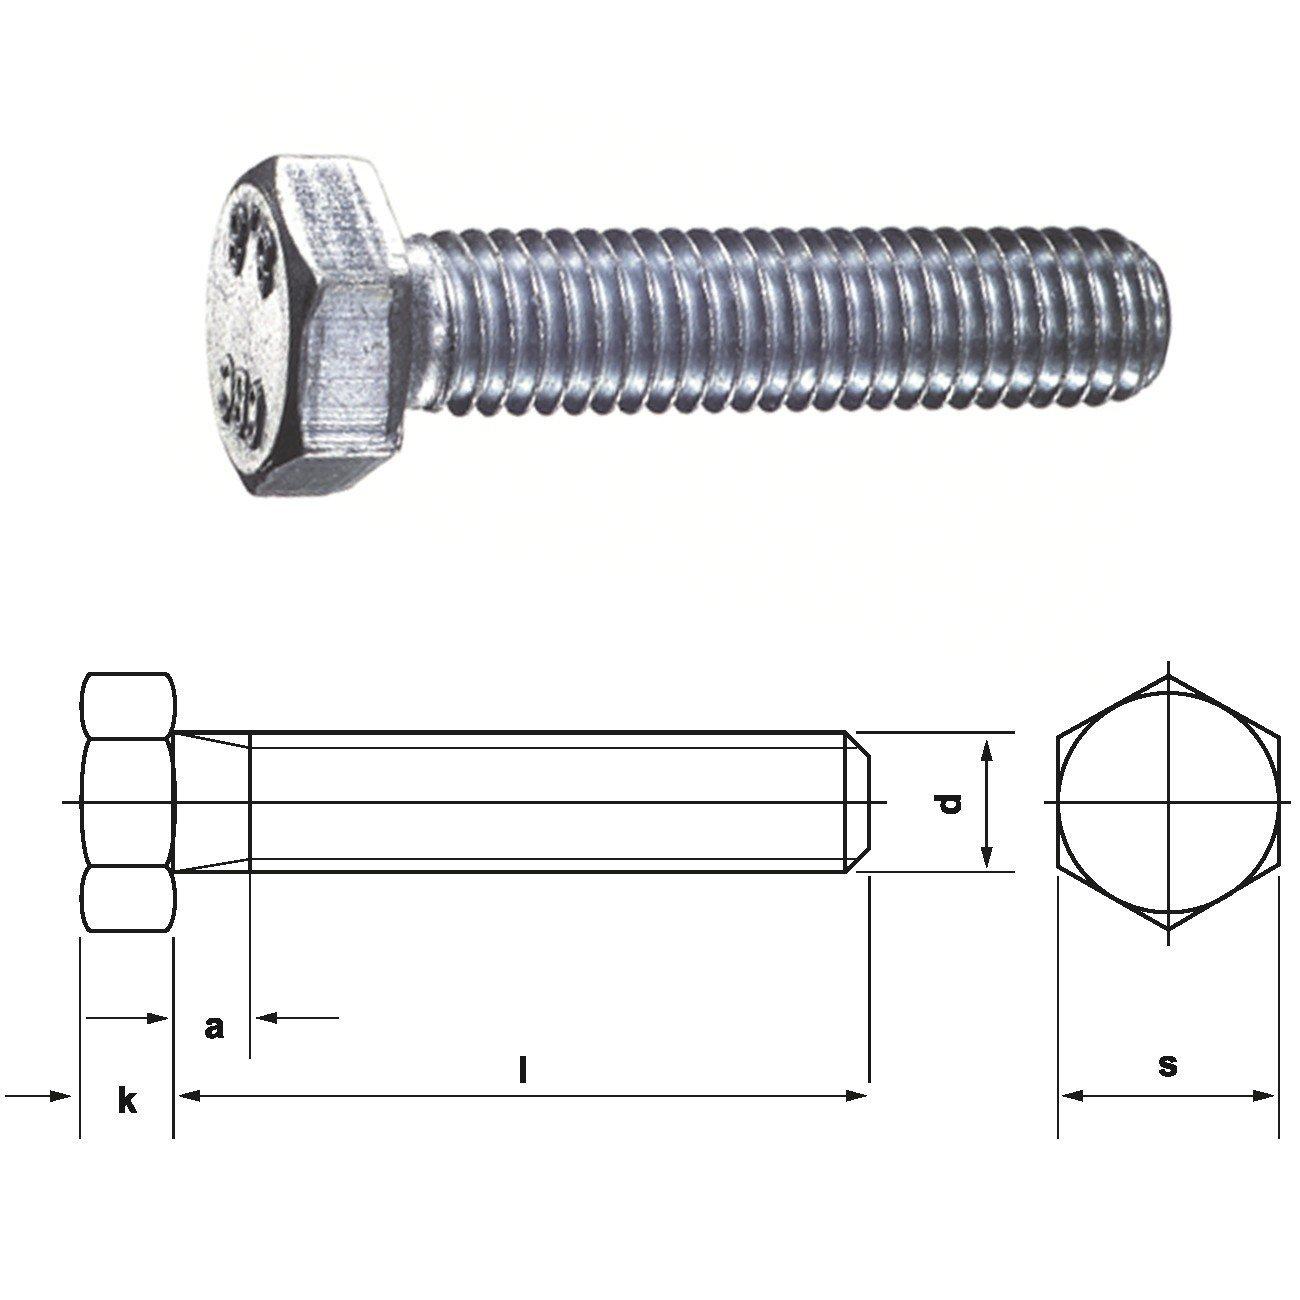 verzinkt M 12 x 50 galv 100 St/ück, Dresselhaus 0//0222//001//12,0//50// //01 Sechskantschrauben 8.8 mit Gewinde bis Kopf DIN 933